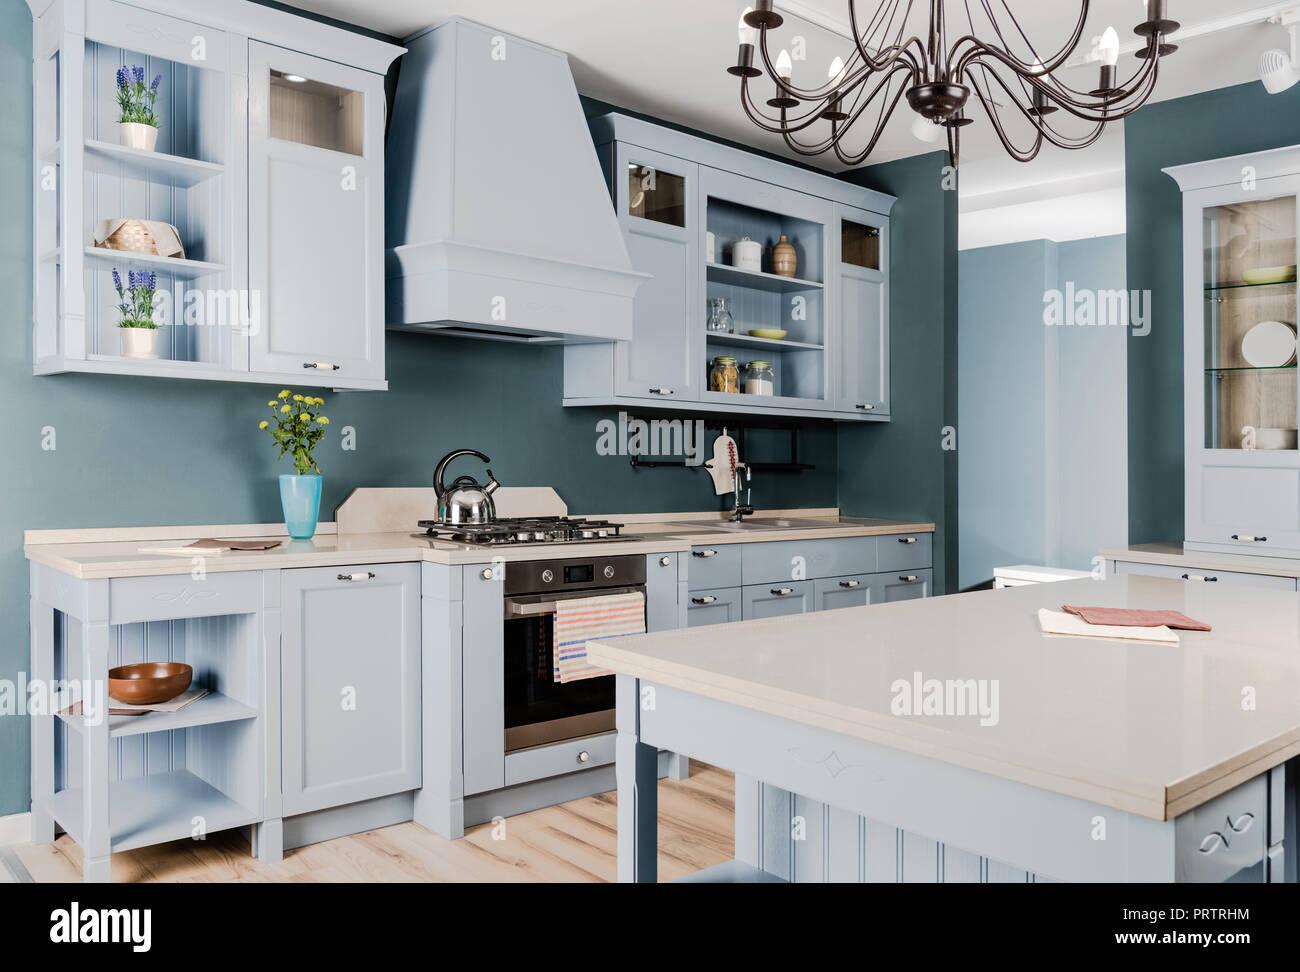 Mobili In Legno Bianco : Interno della moderna cucina luminosa con mobili in legno bianco